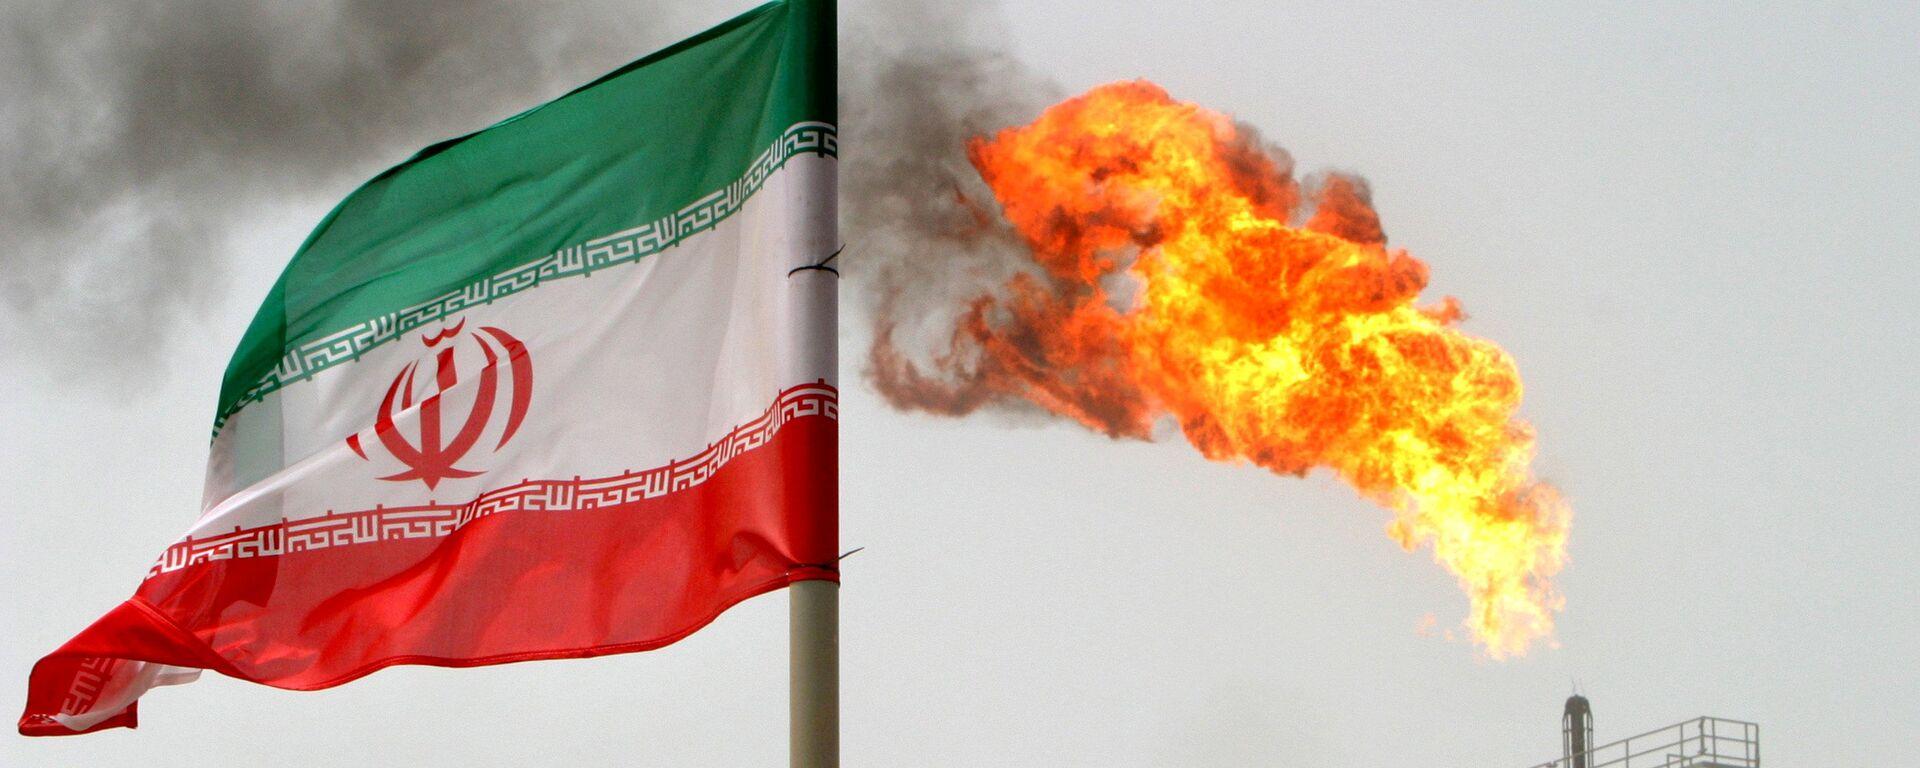 Těžba ropy v Íránu  - Sputnik Česká republika, 1920, 29.05.2021